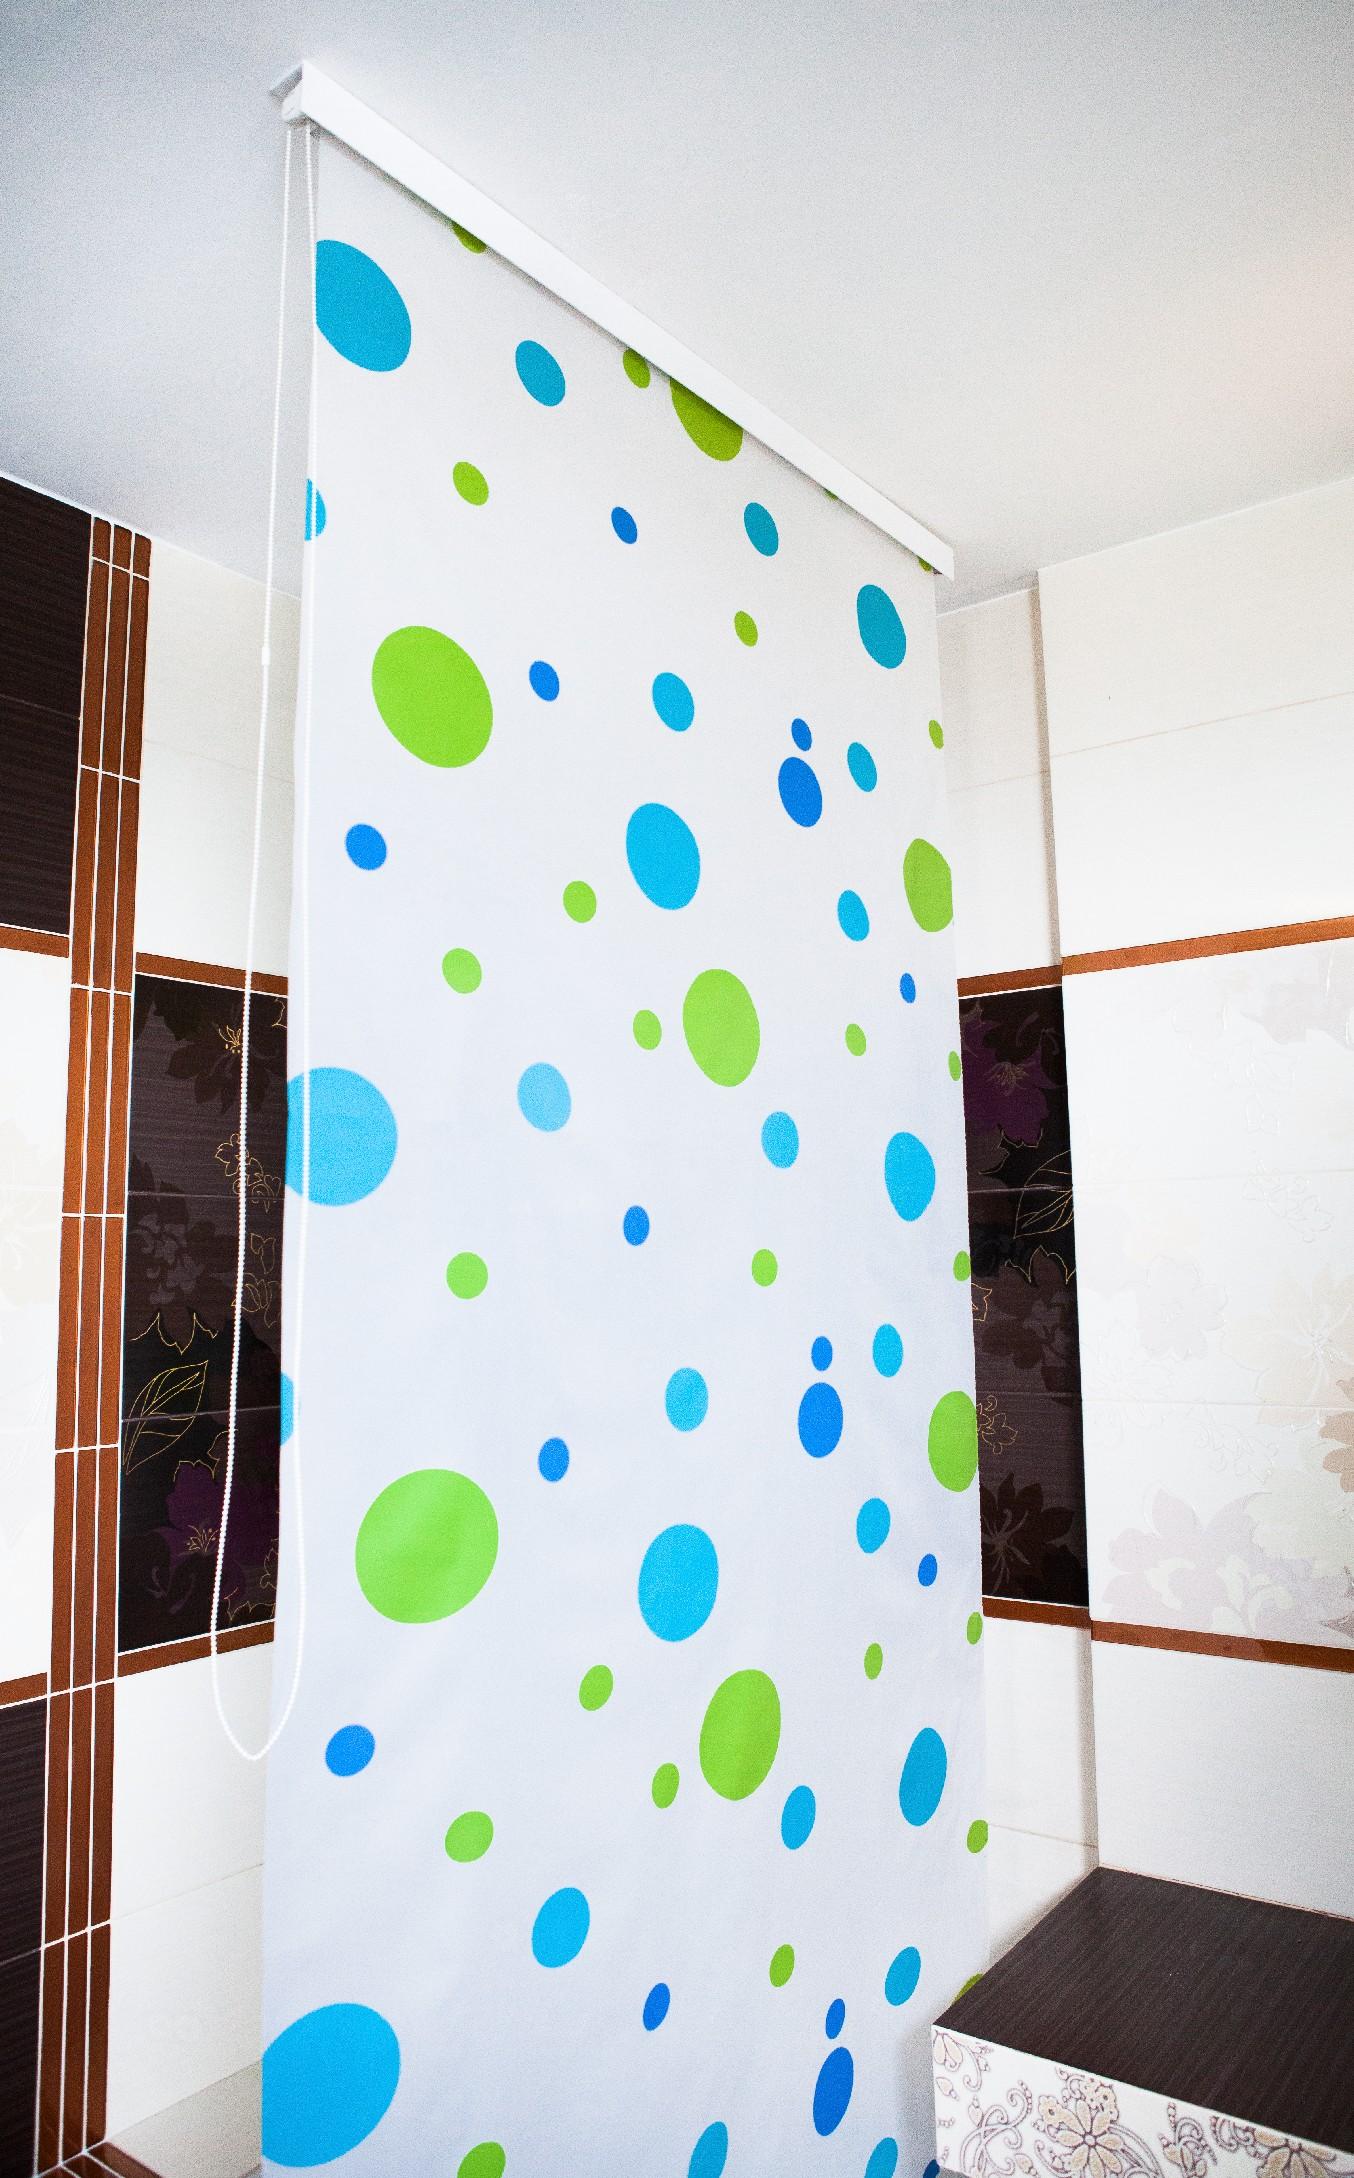 ROLETOVÁ VANOVÁ ZÁSTĚNA SPRCHOVÁ SYLT STANDARD šířka rolety: 80 cm